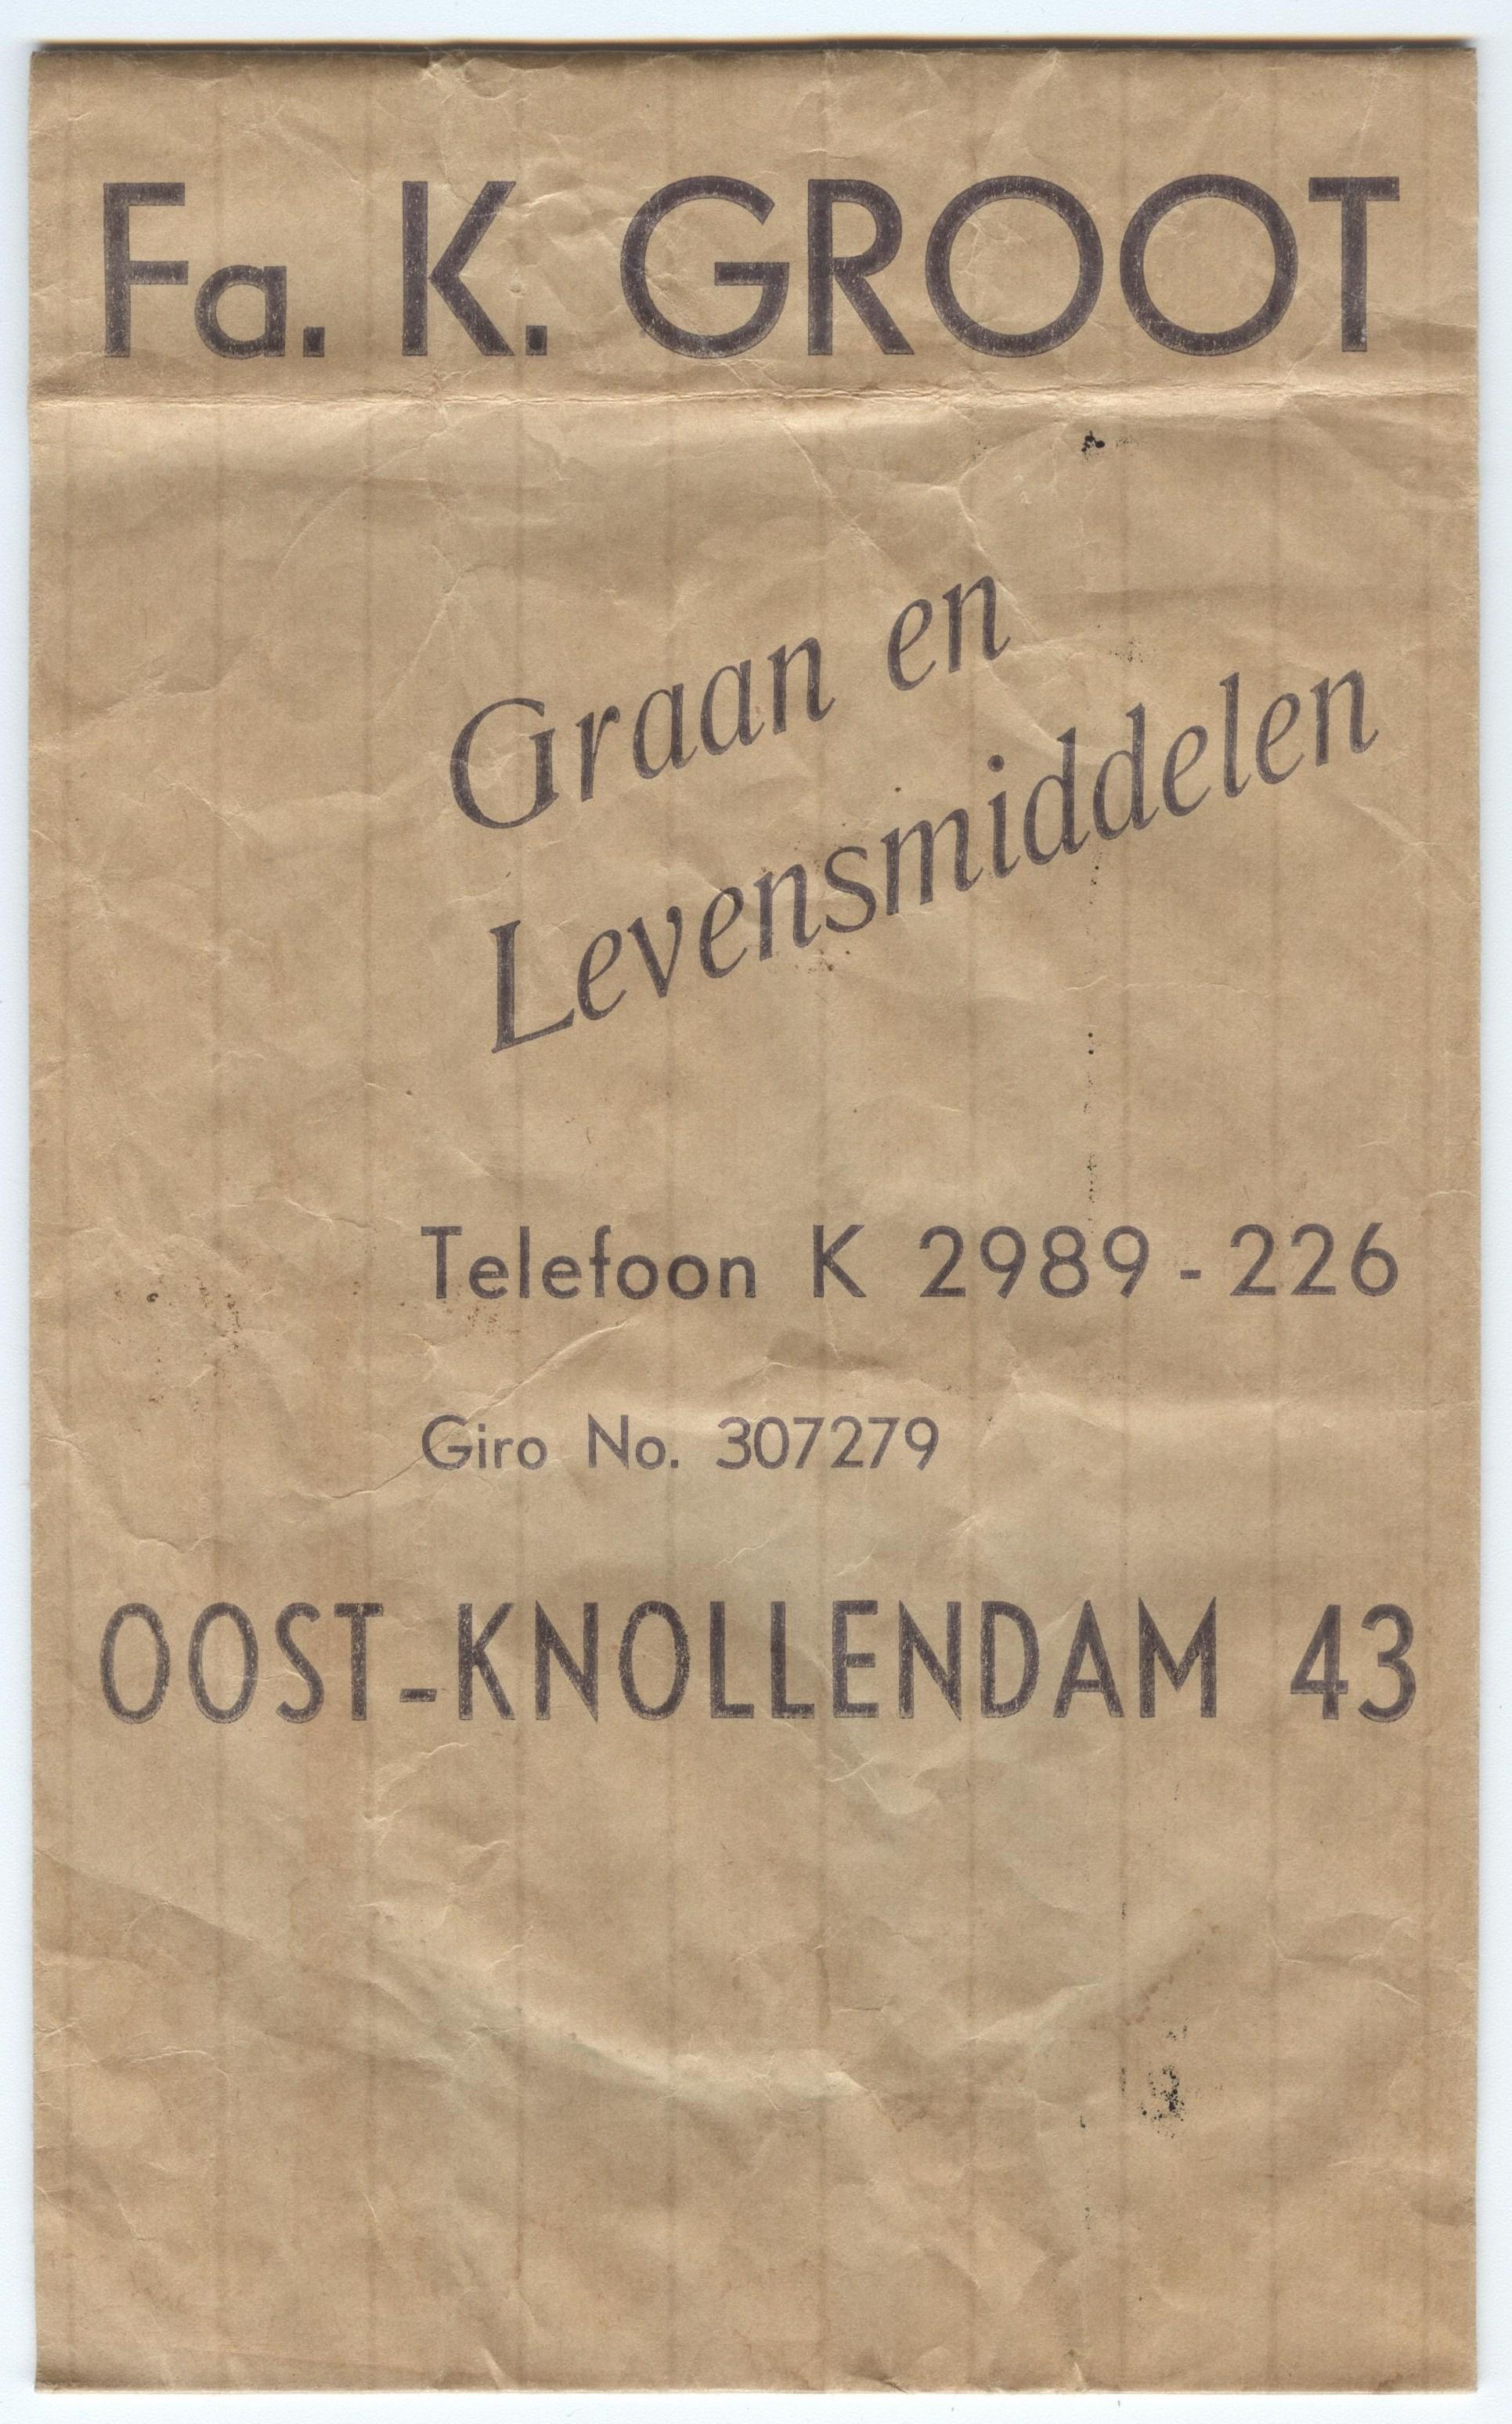 Oostknollendam Papieren zak medio 1920 (002)